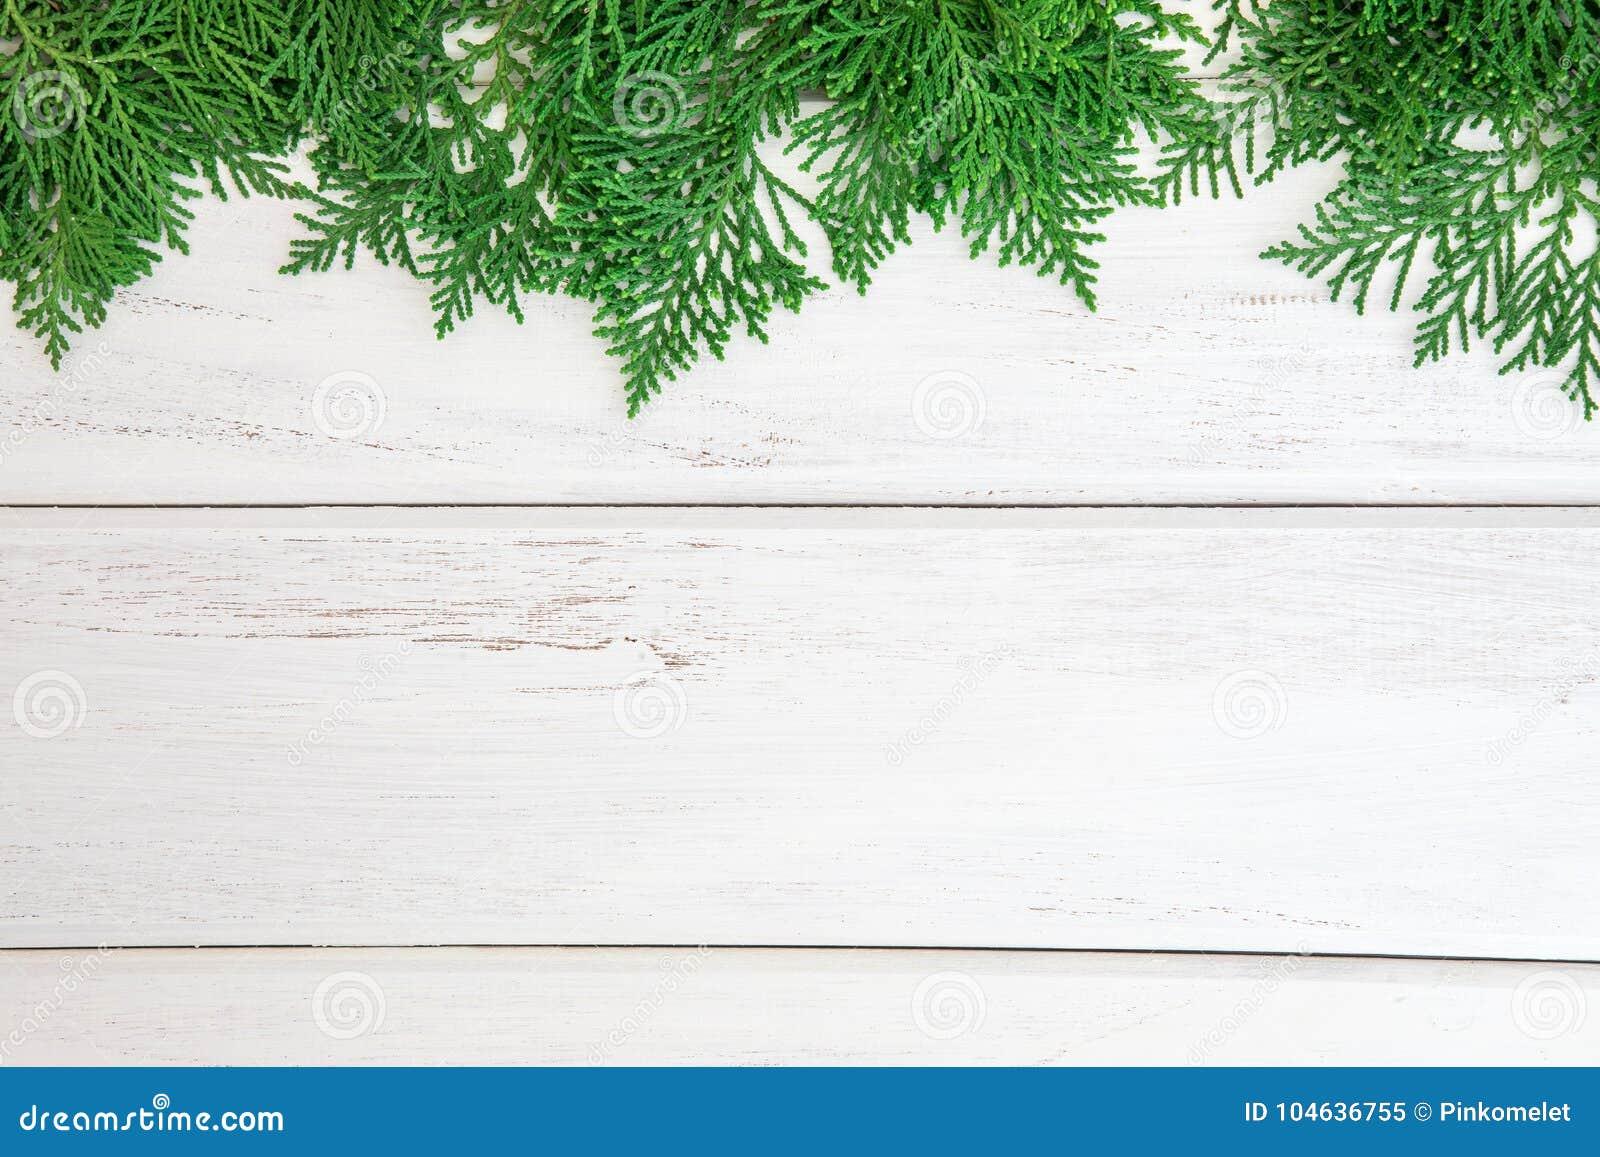 Download Verse Groene Pijnboombladeren, Oosterse Arborvitae, Thuja-orientalis Stock Afbeelding - Afbeelding bestaande uit kader, achtergrond: 104636755